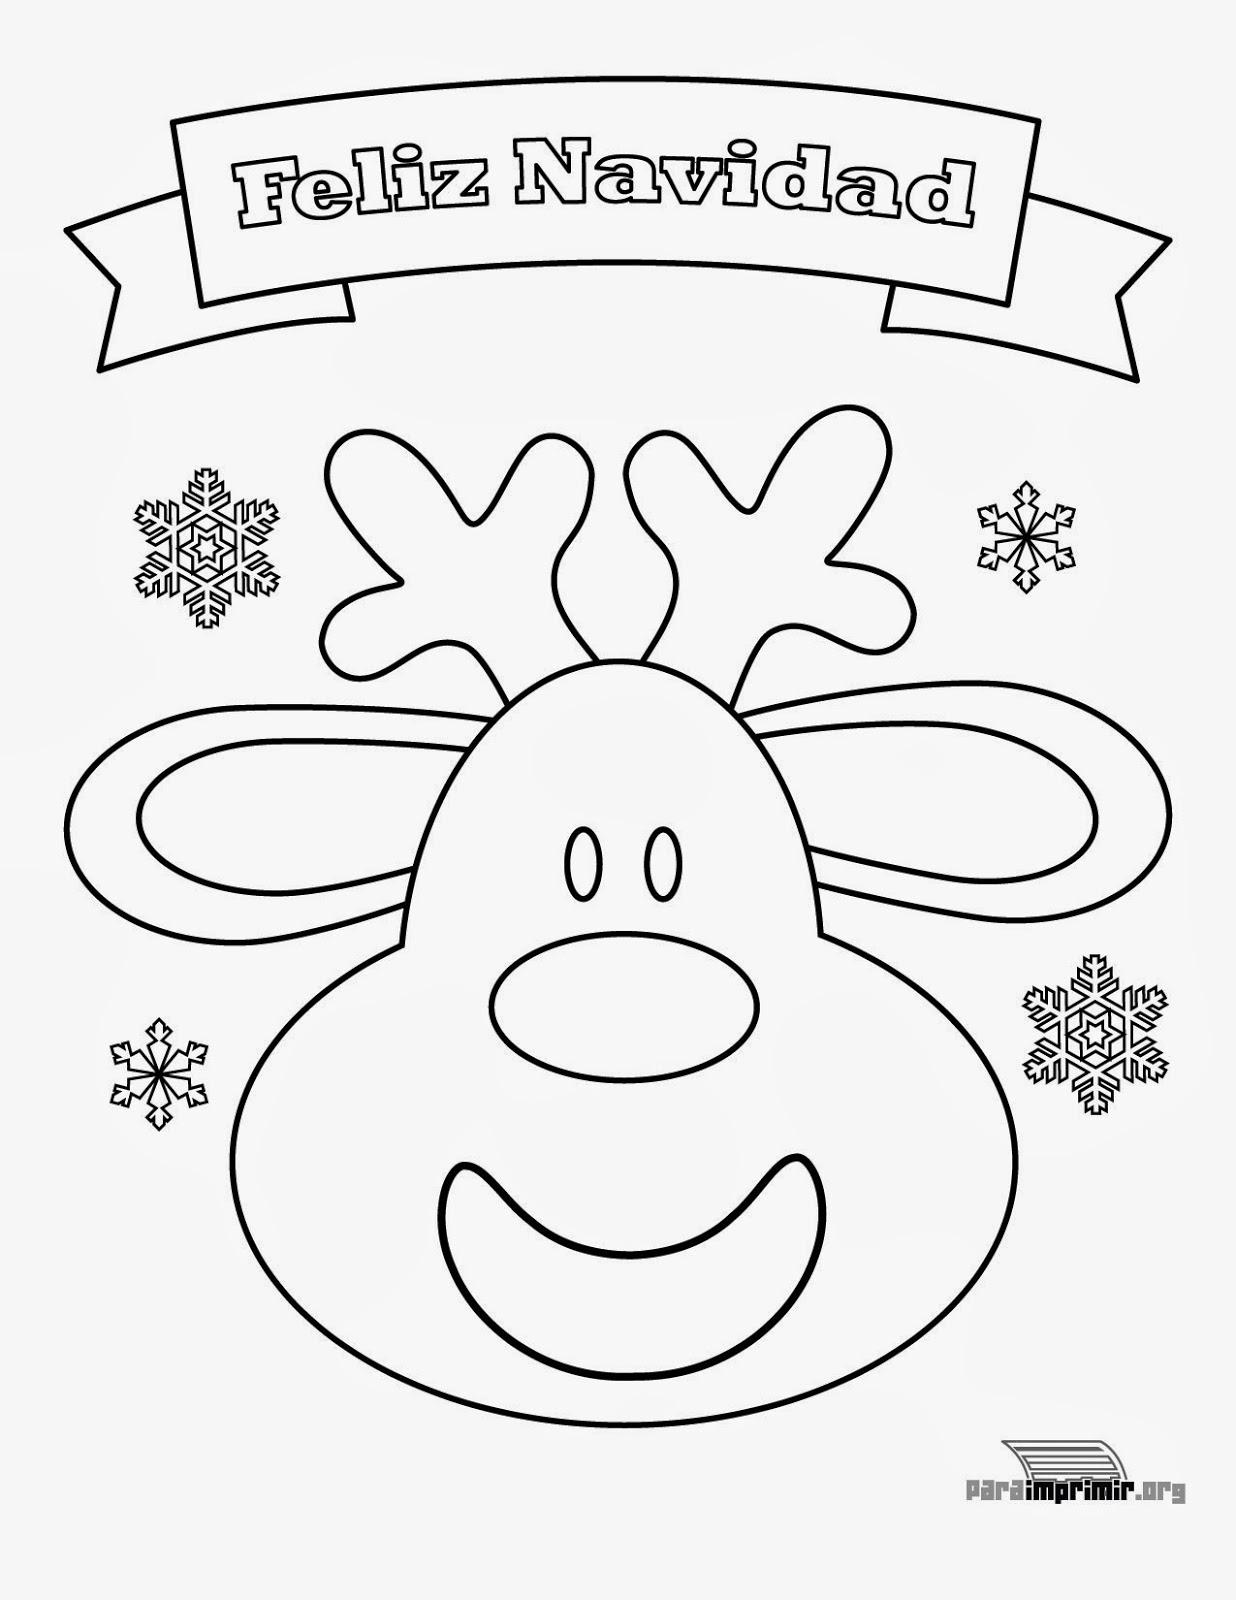 RELIGICANDO EN EL COLE: Ficha para colorear: Feliz Navidad.